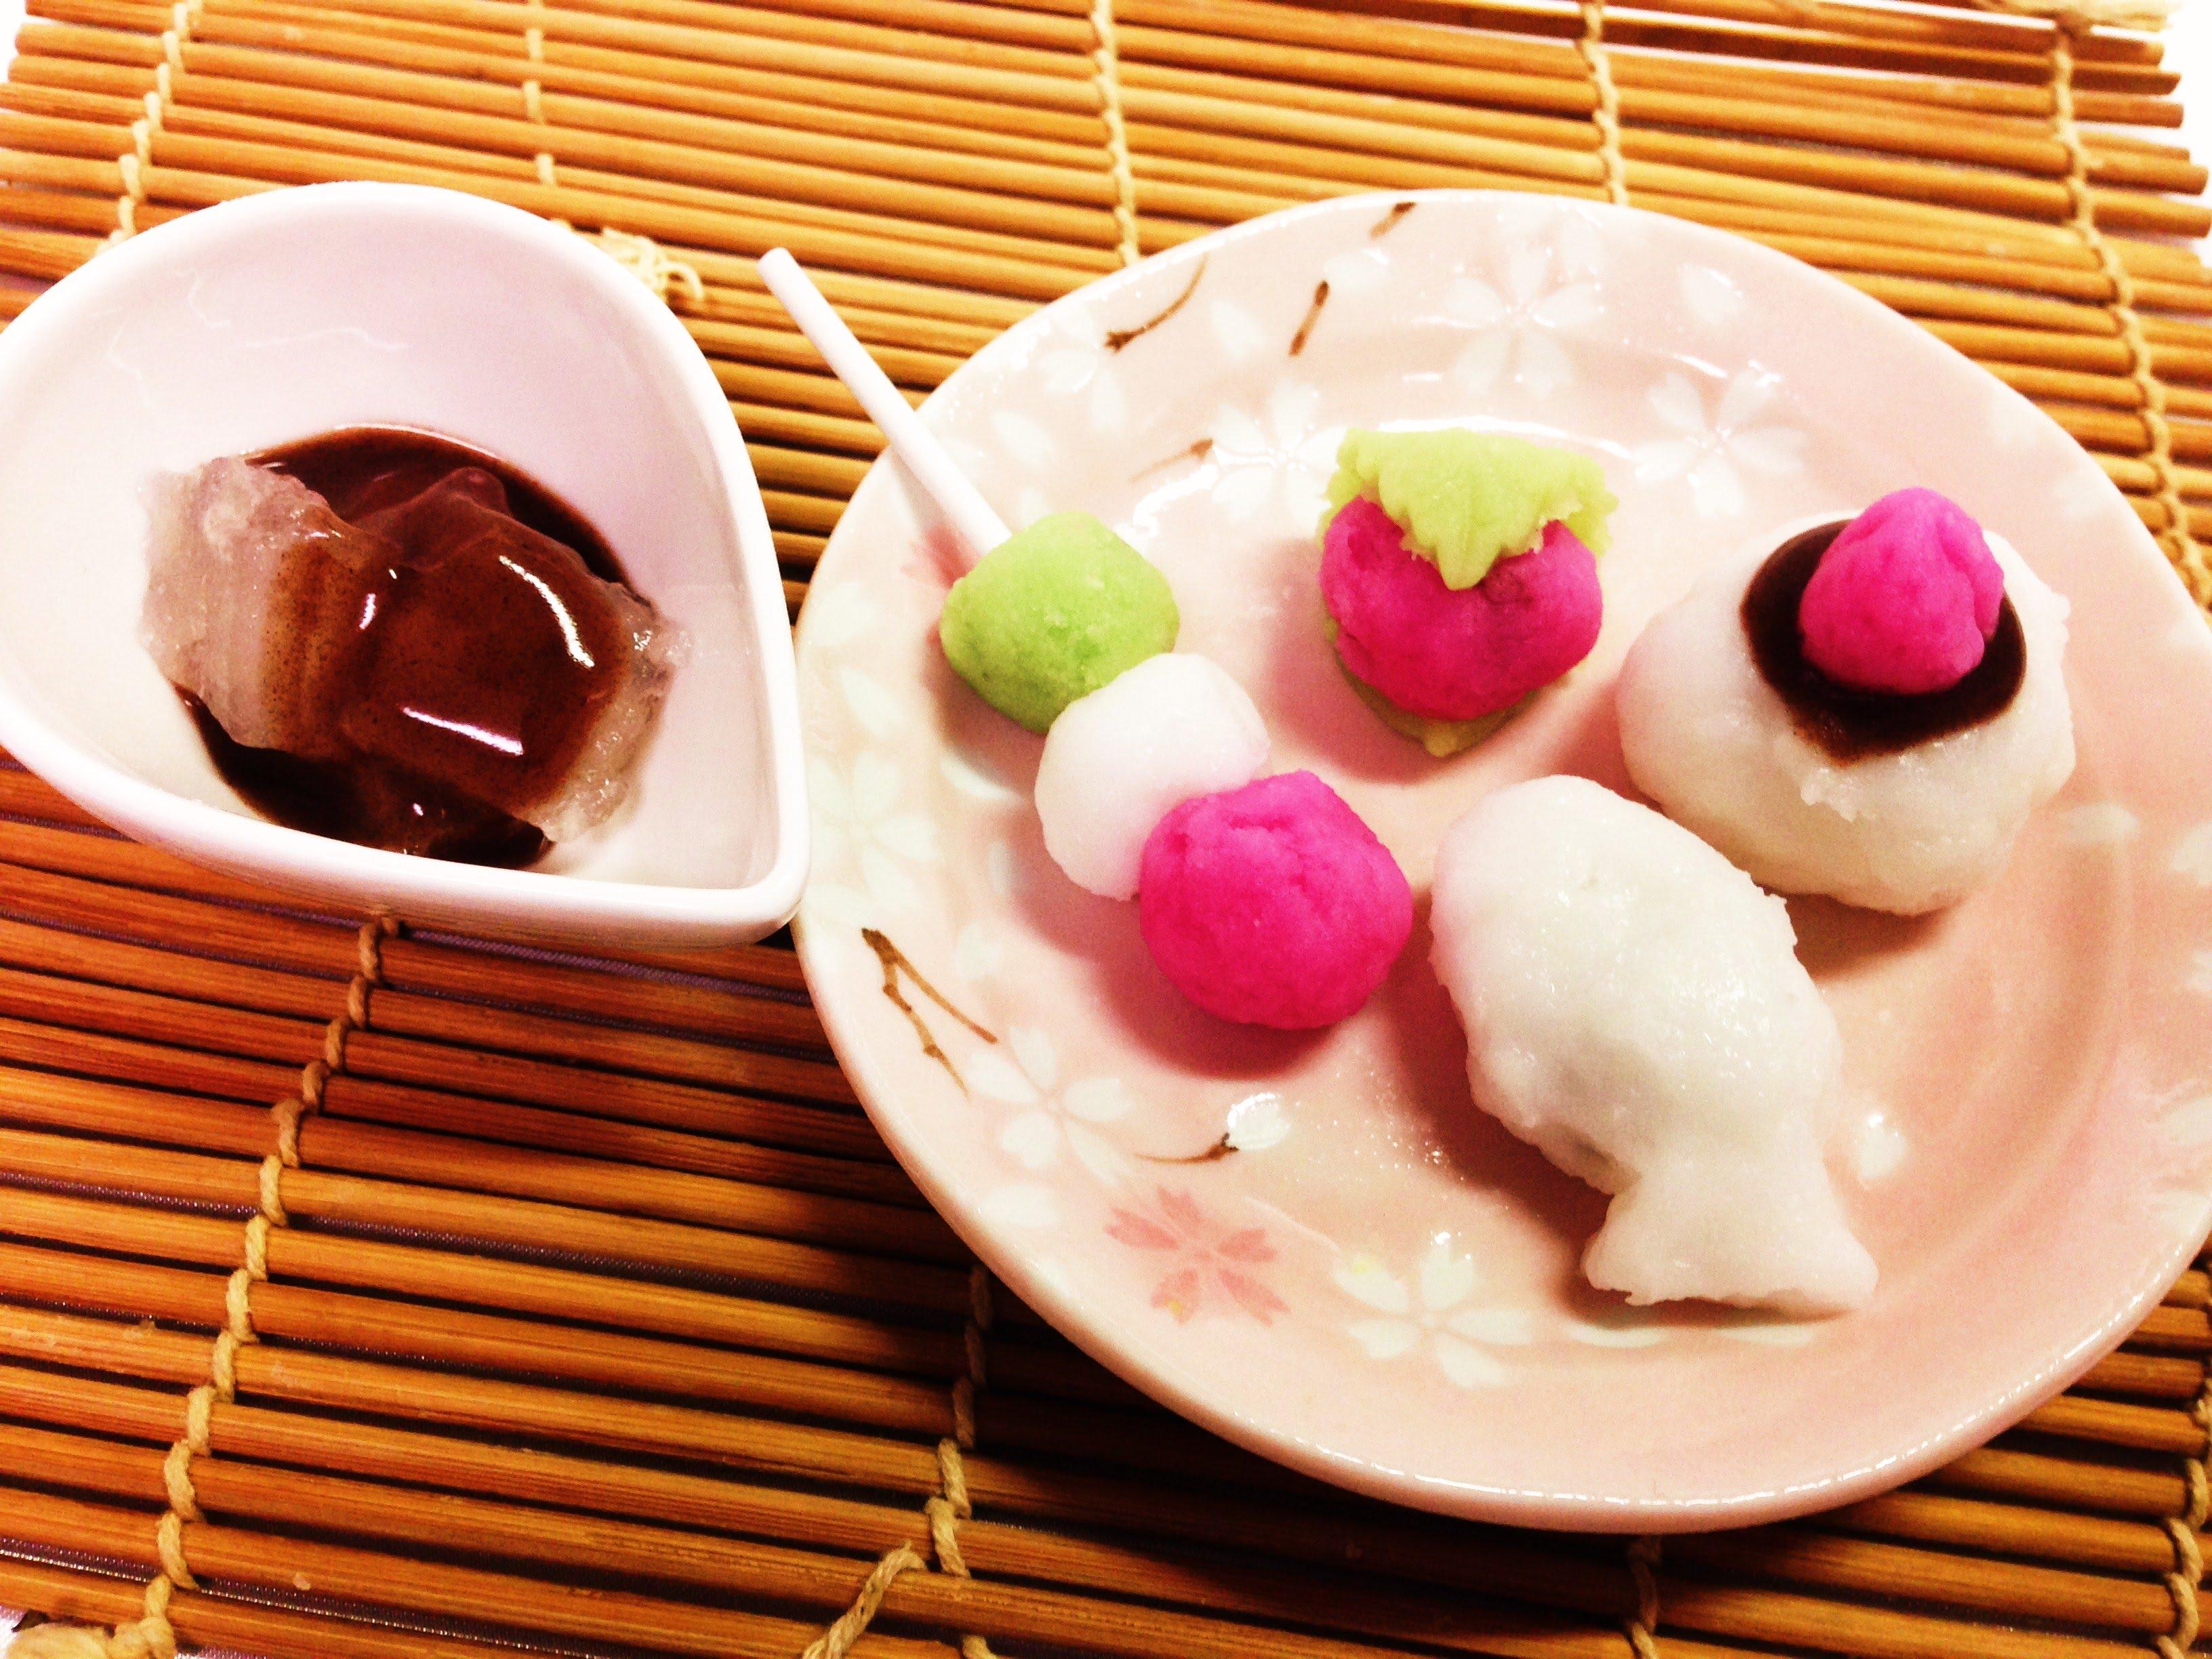 有樂町進口食品 日本明治 知育果子 手作和果子 鯛魚燒 寒天J78 4902744032513 1